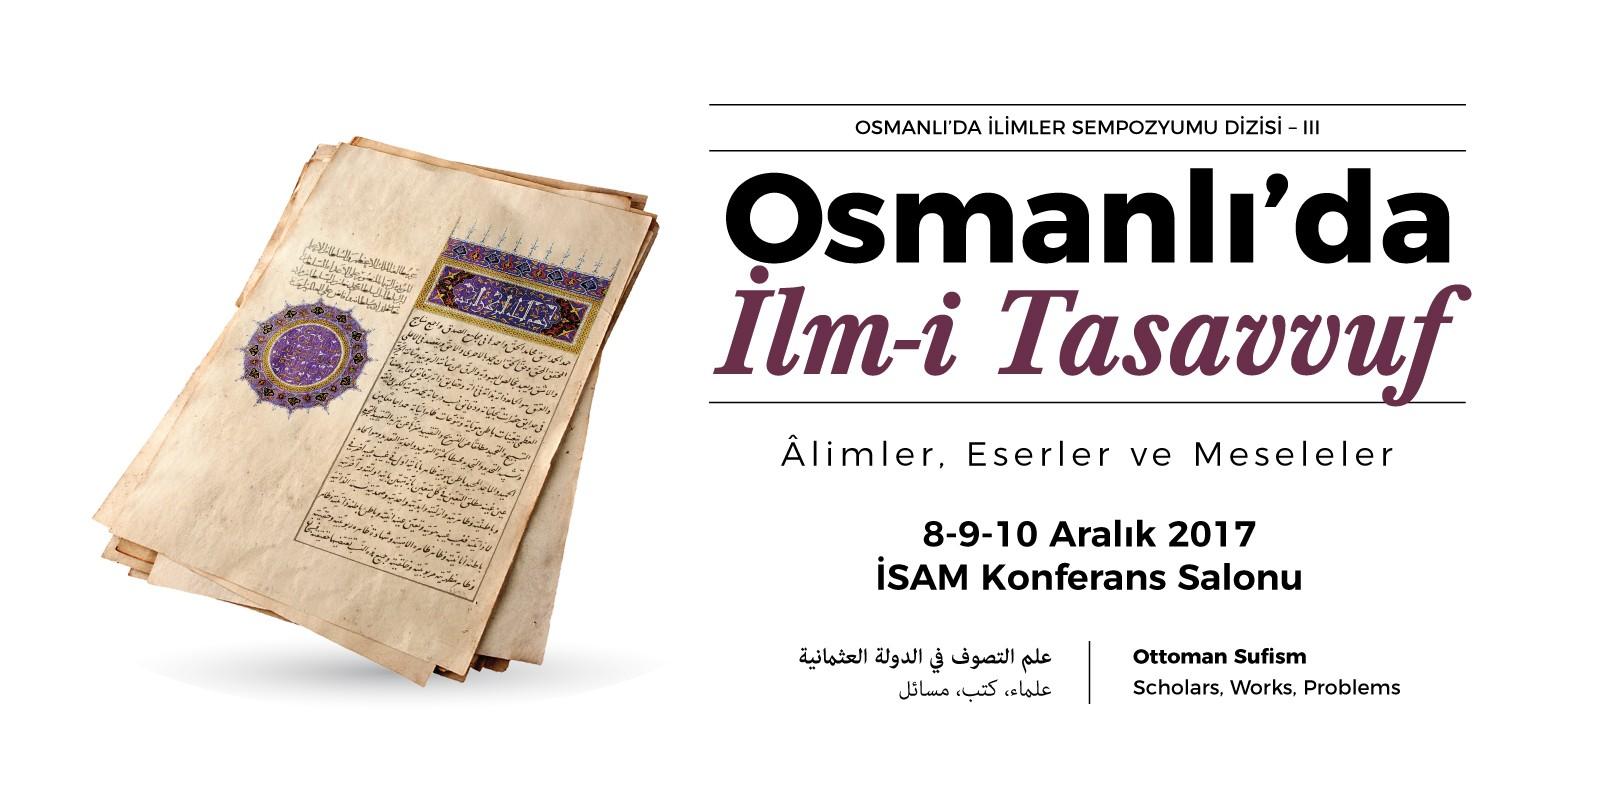 Osmanlı'da İlm-i Tasavvuf Sempozyumu